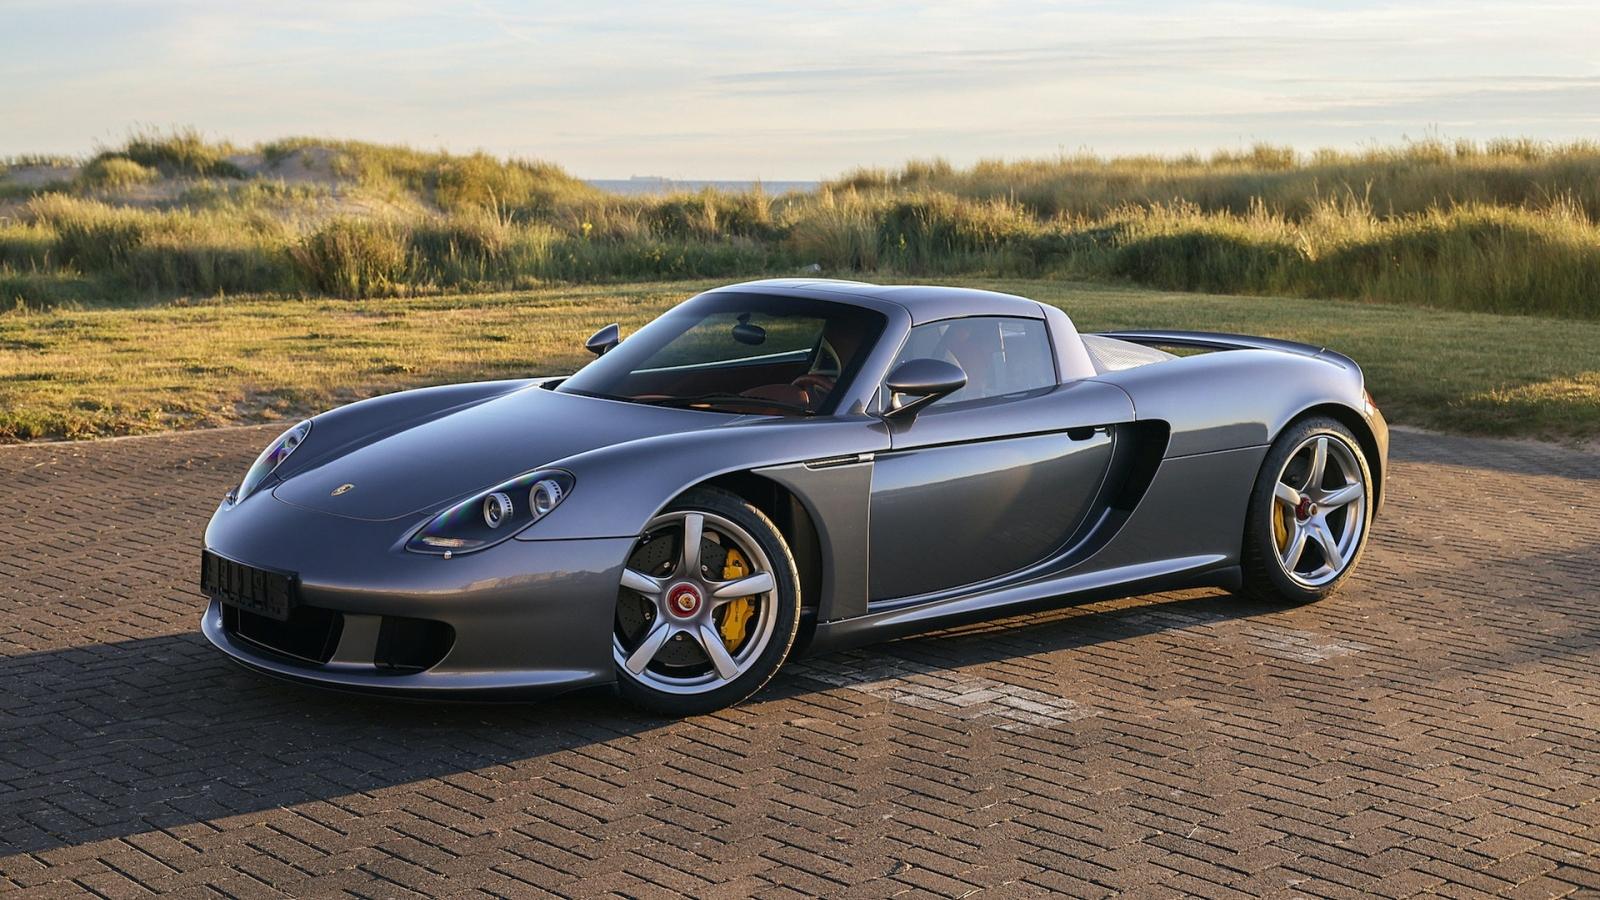 Cận cảnh Porsche Carrera GT từng được sở hữu bởi tay đua Jenson Button